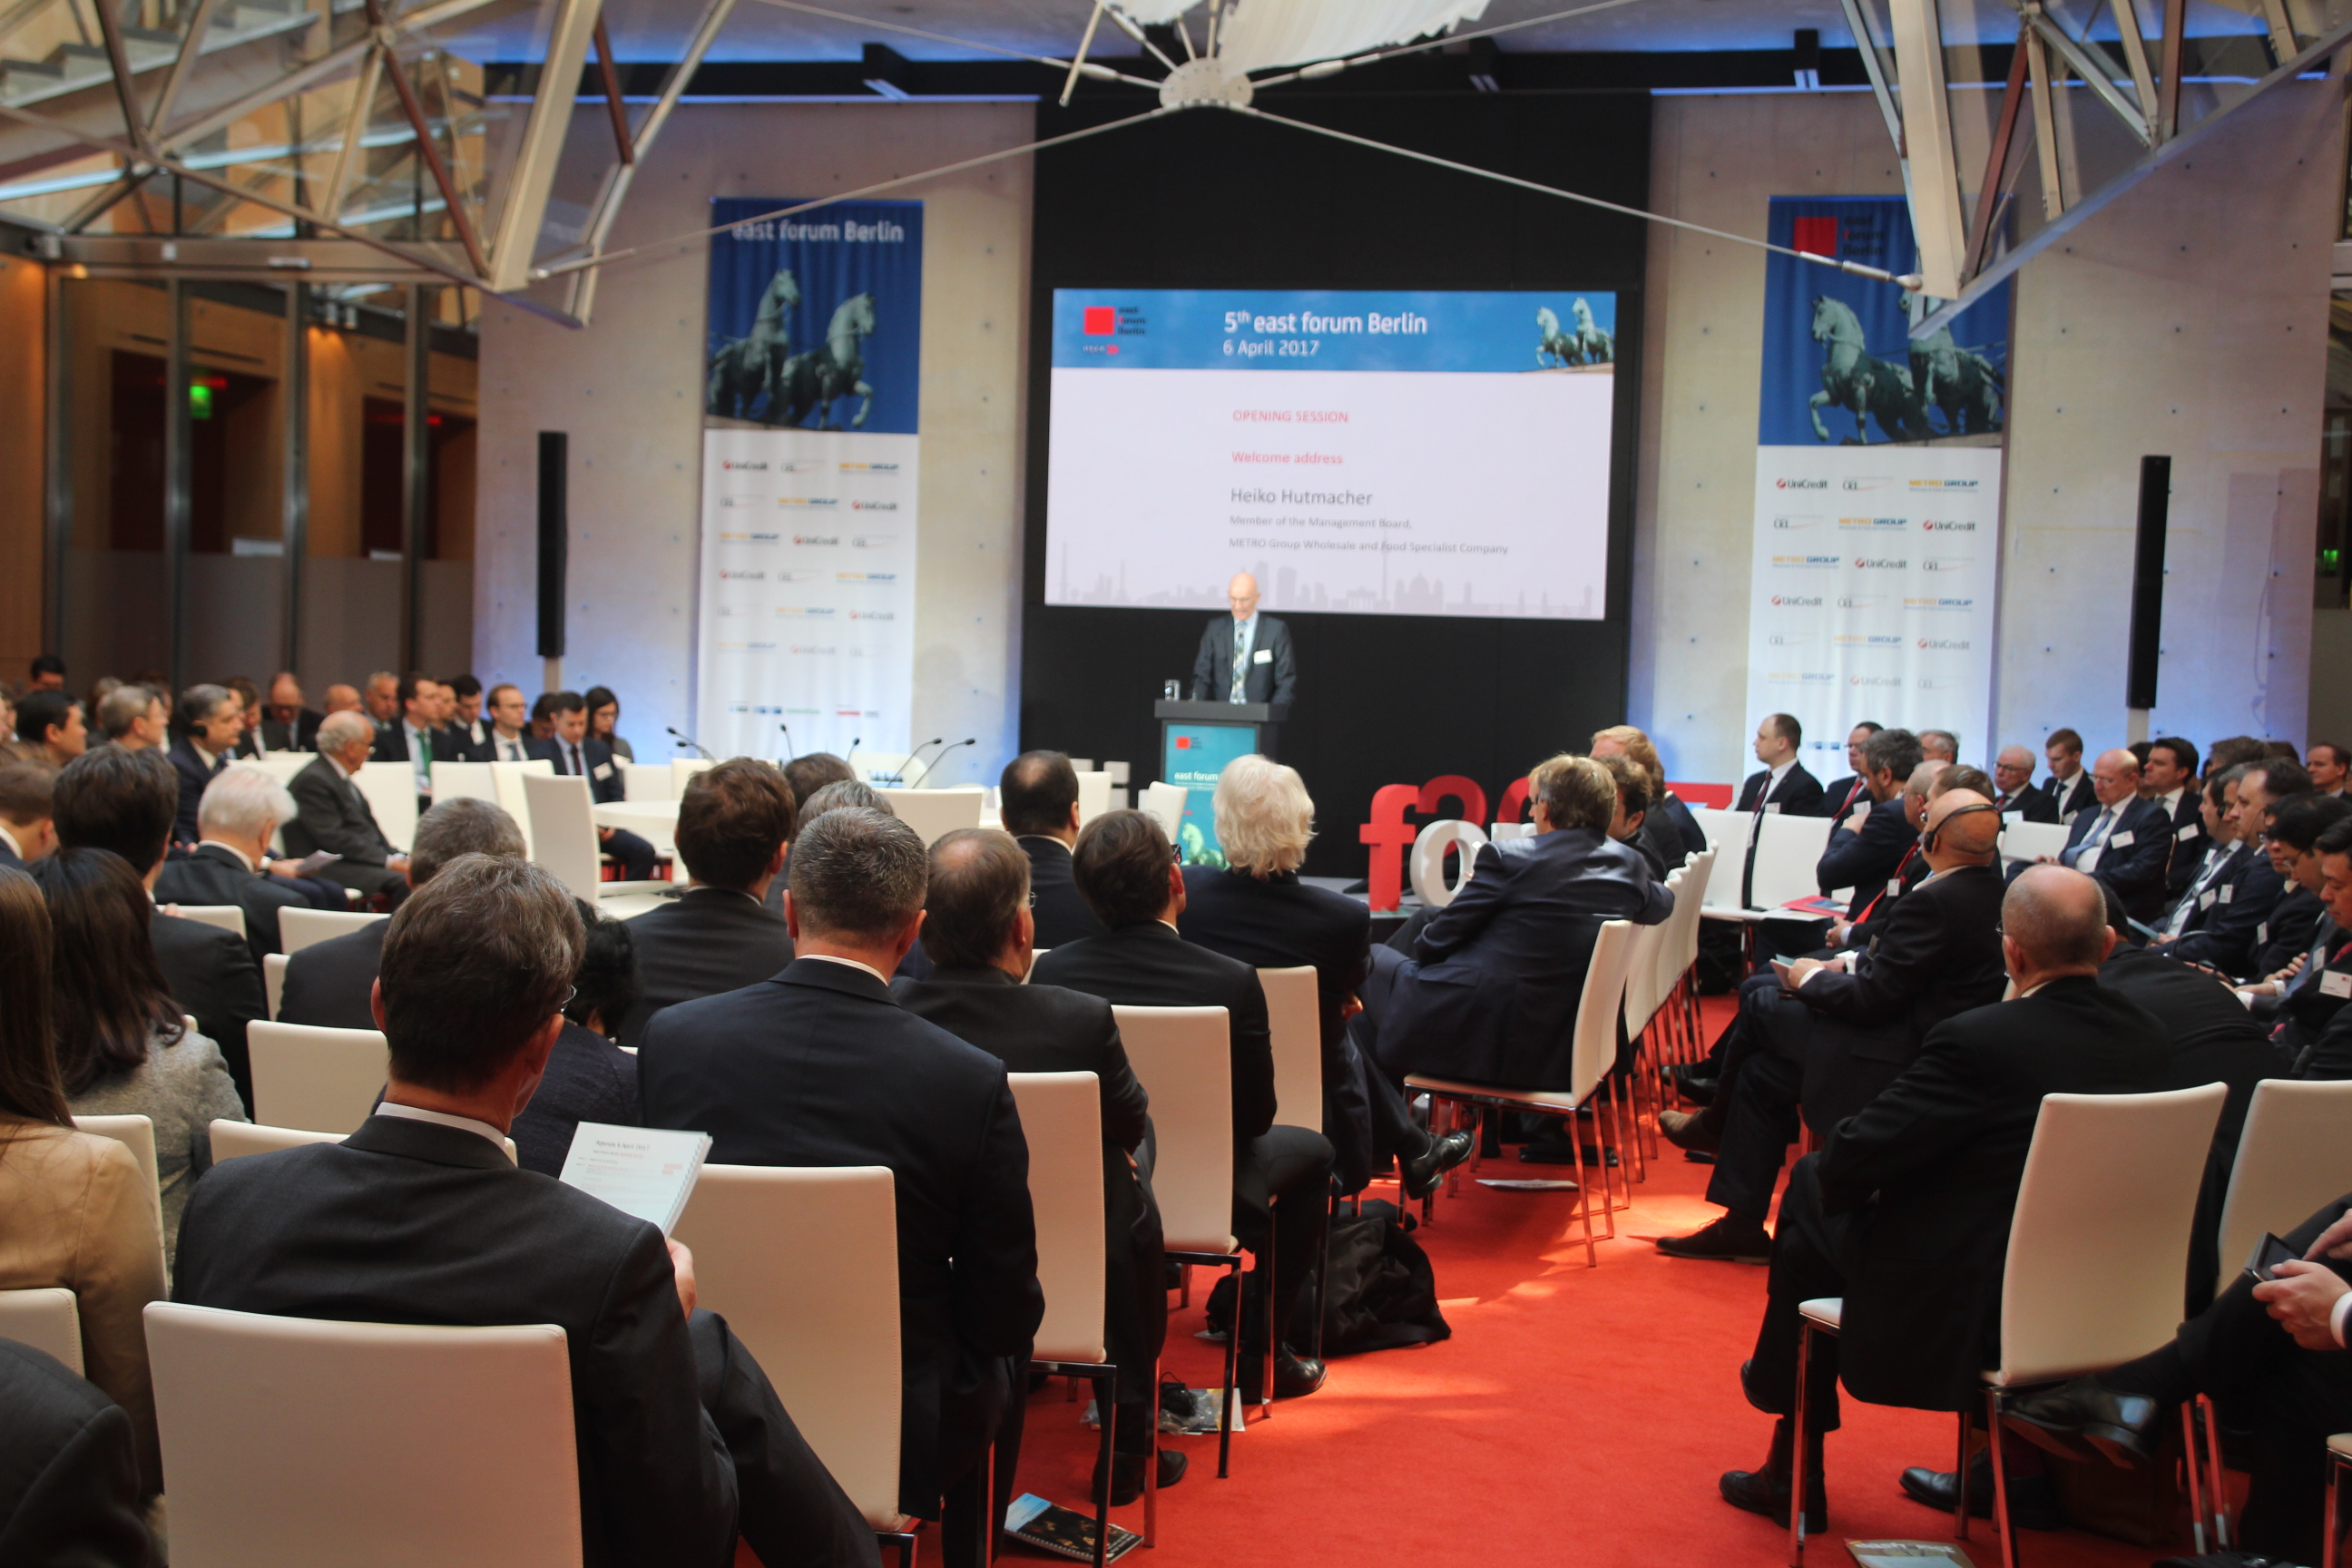 In einem Berliner Memorandum forderten Teilnehmer des Forums die Europäische Union und die Eurasische Wirtschaftsunion auf, endlich einen offiziellen Dialog zu beginnen.